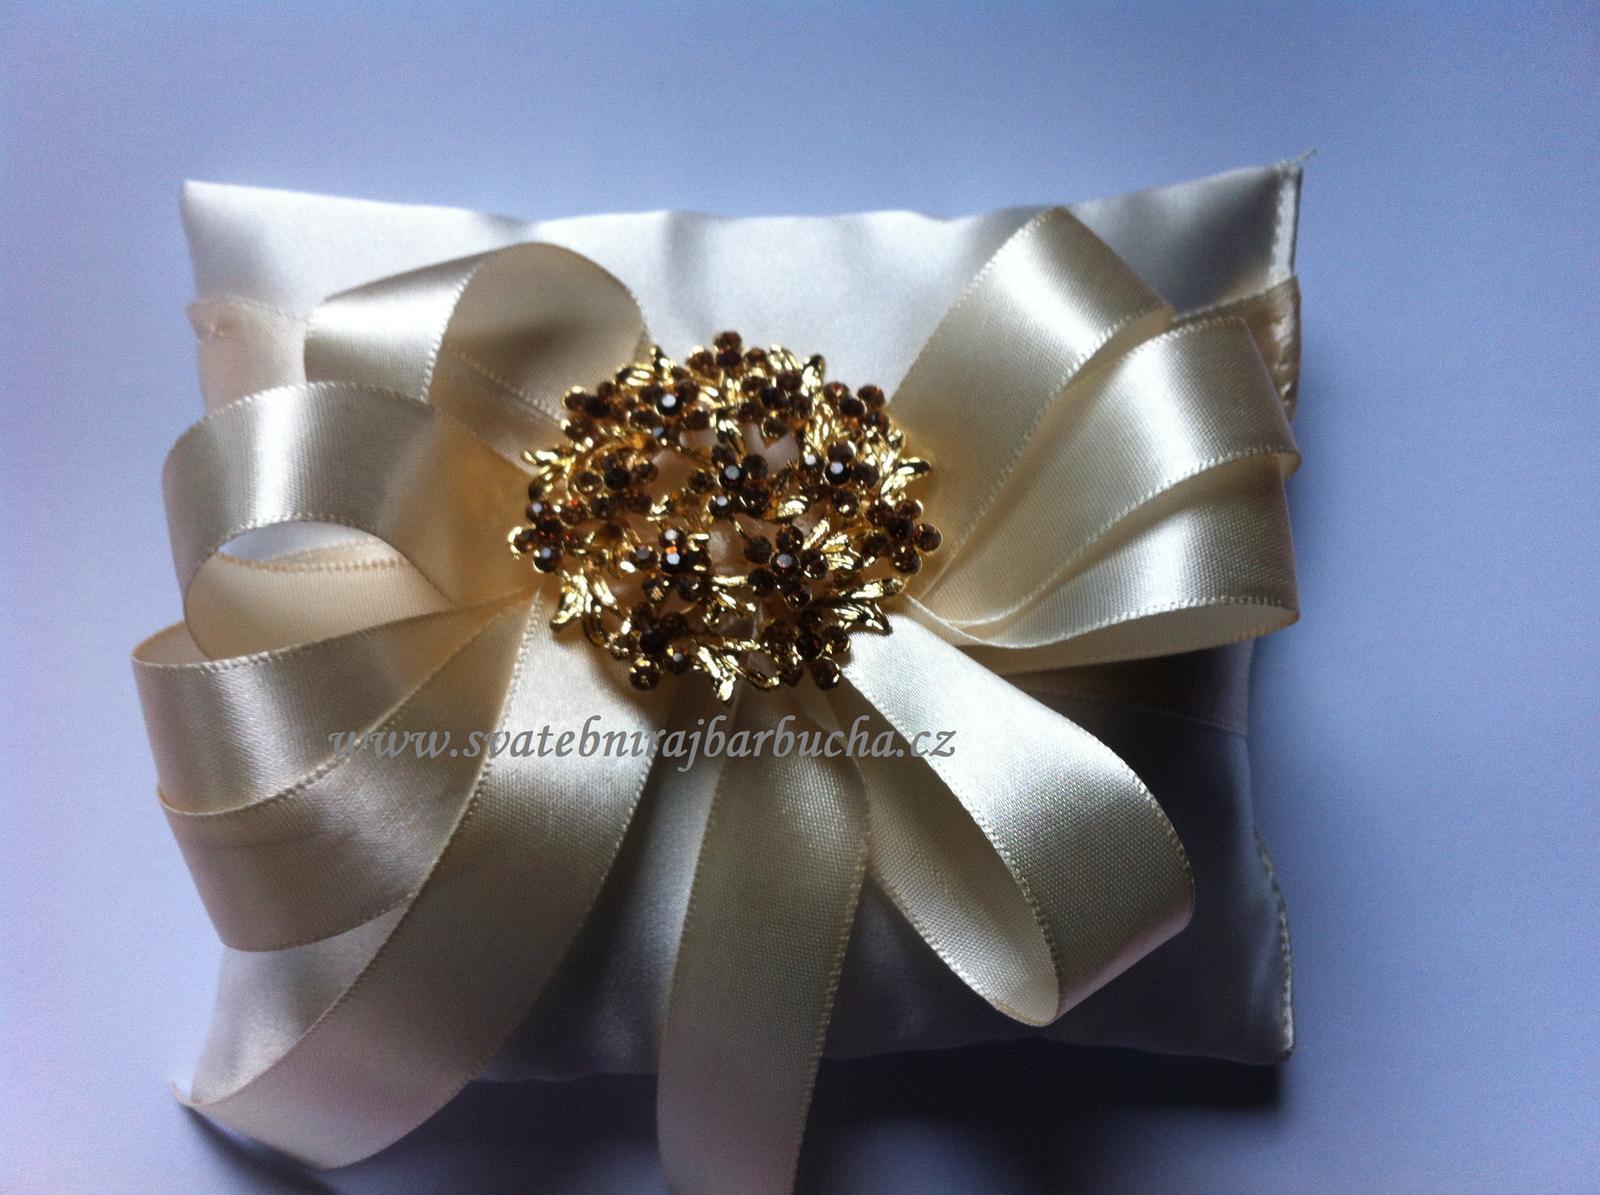 Netradiční svatební kytice - pěnové růžičky + polštářky pod prstýnky, košíčky - Polštářek pod prstýnky dle přání s broží i bez ....